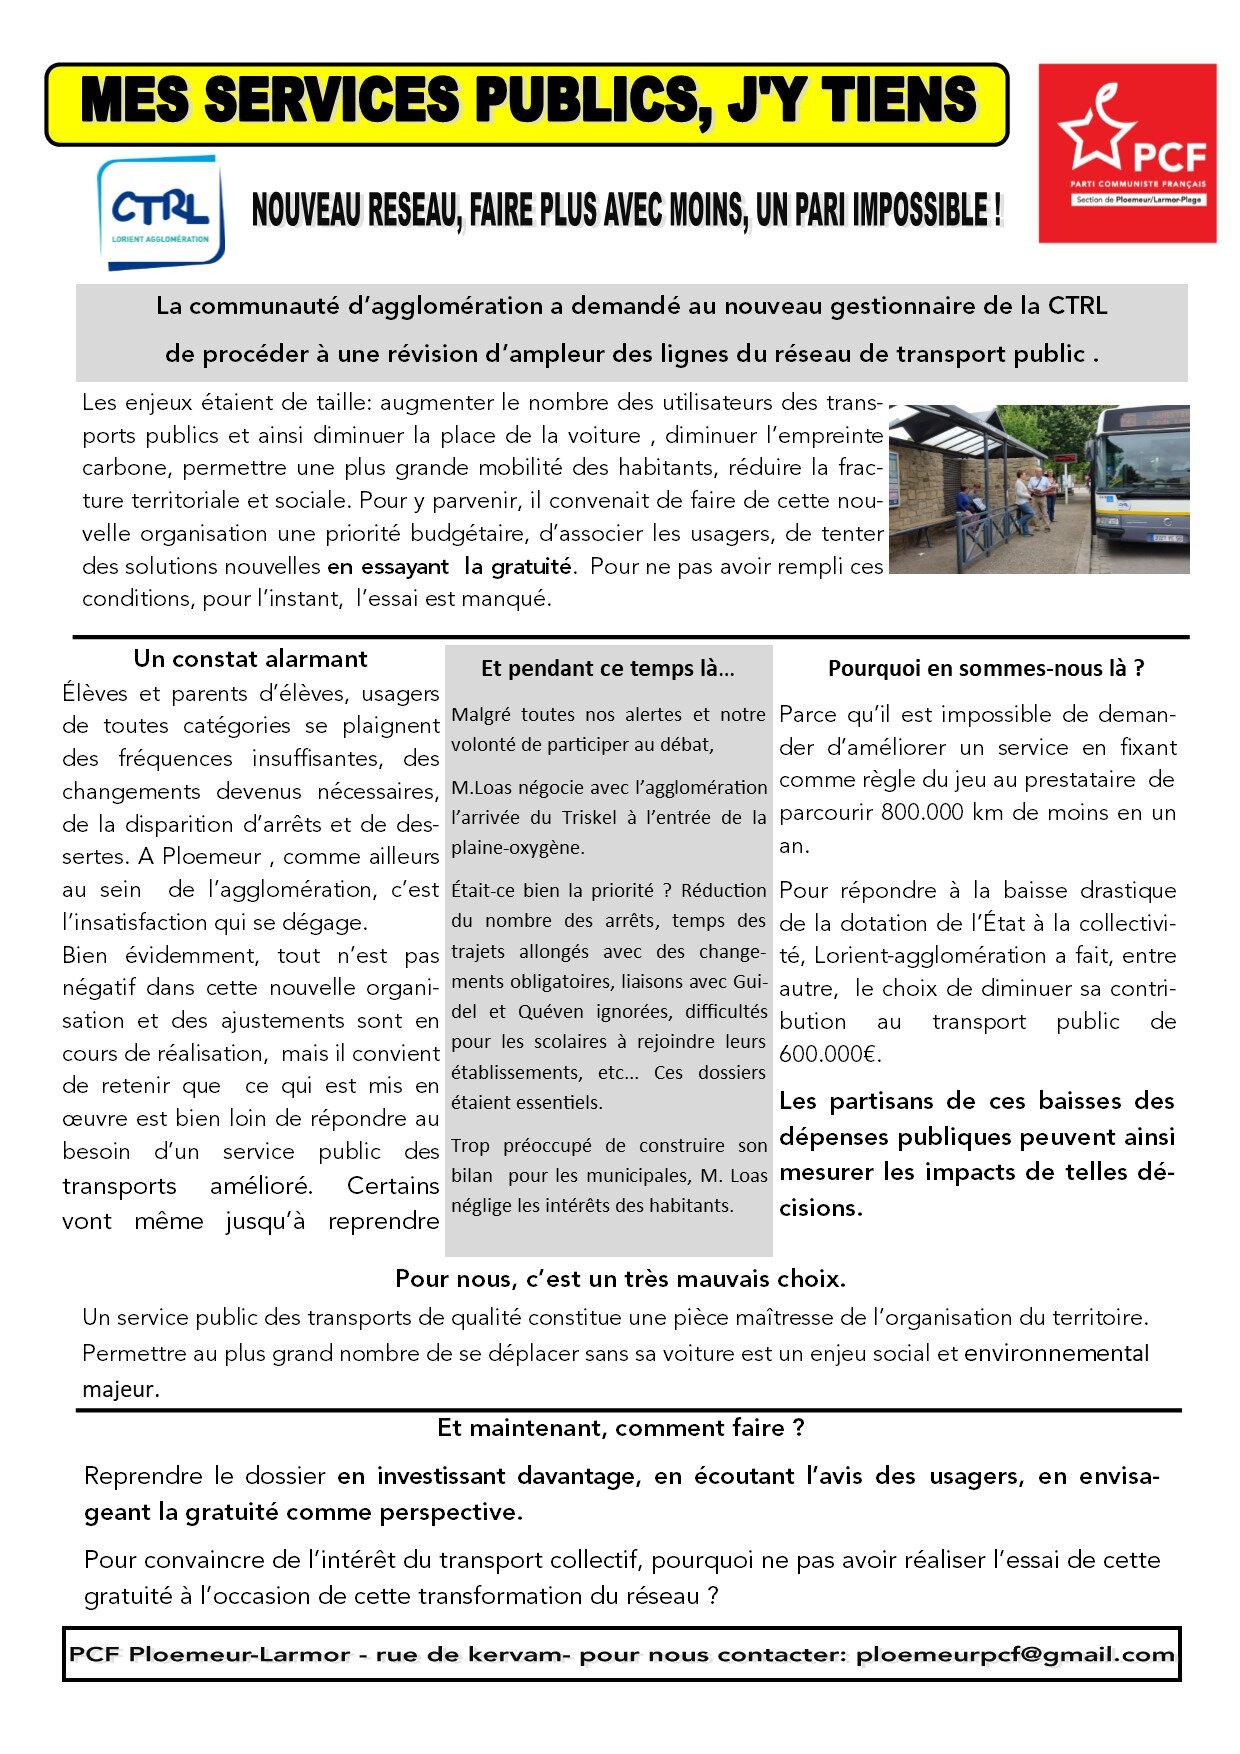 agglo de Lorient, Le transport public, en faire une priorité